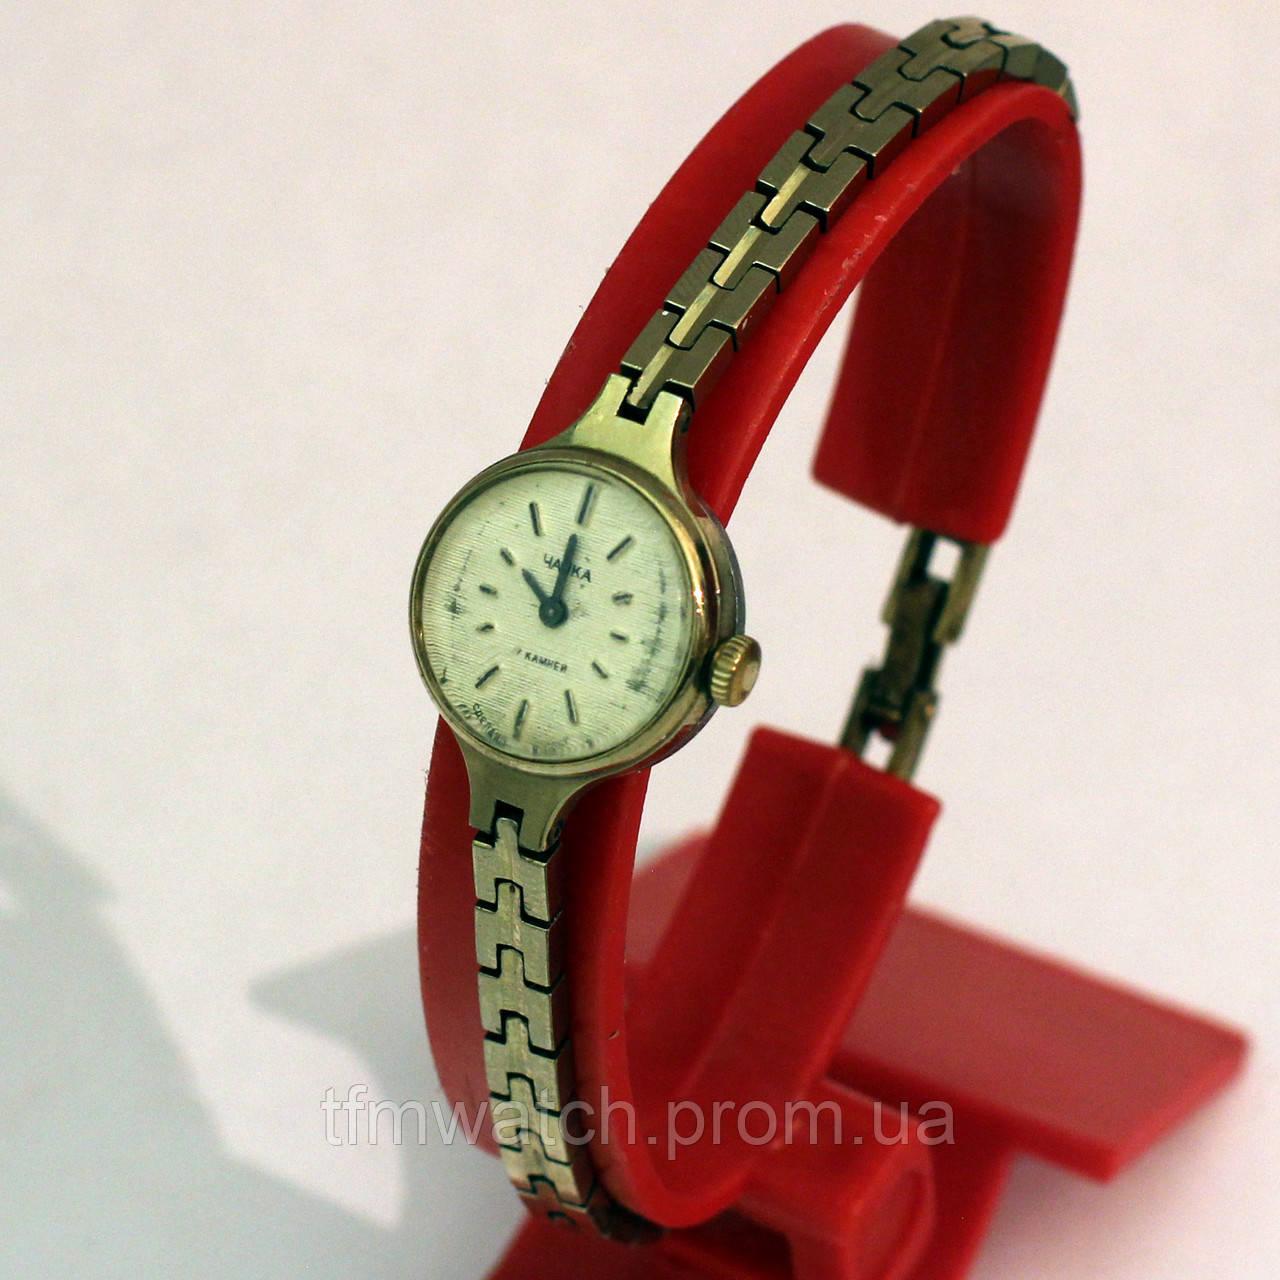 Купить часы чайка 17 камней виктор цой часы купить в